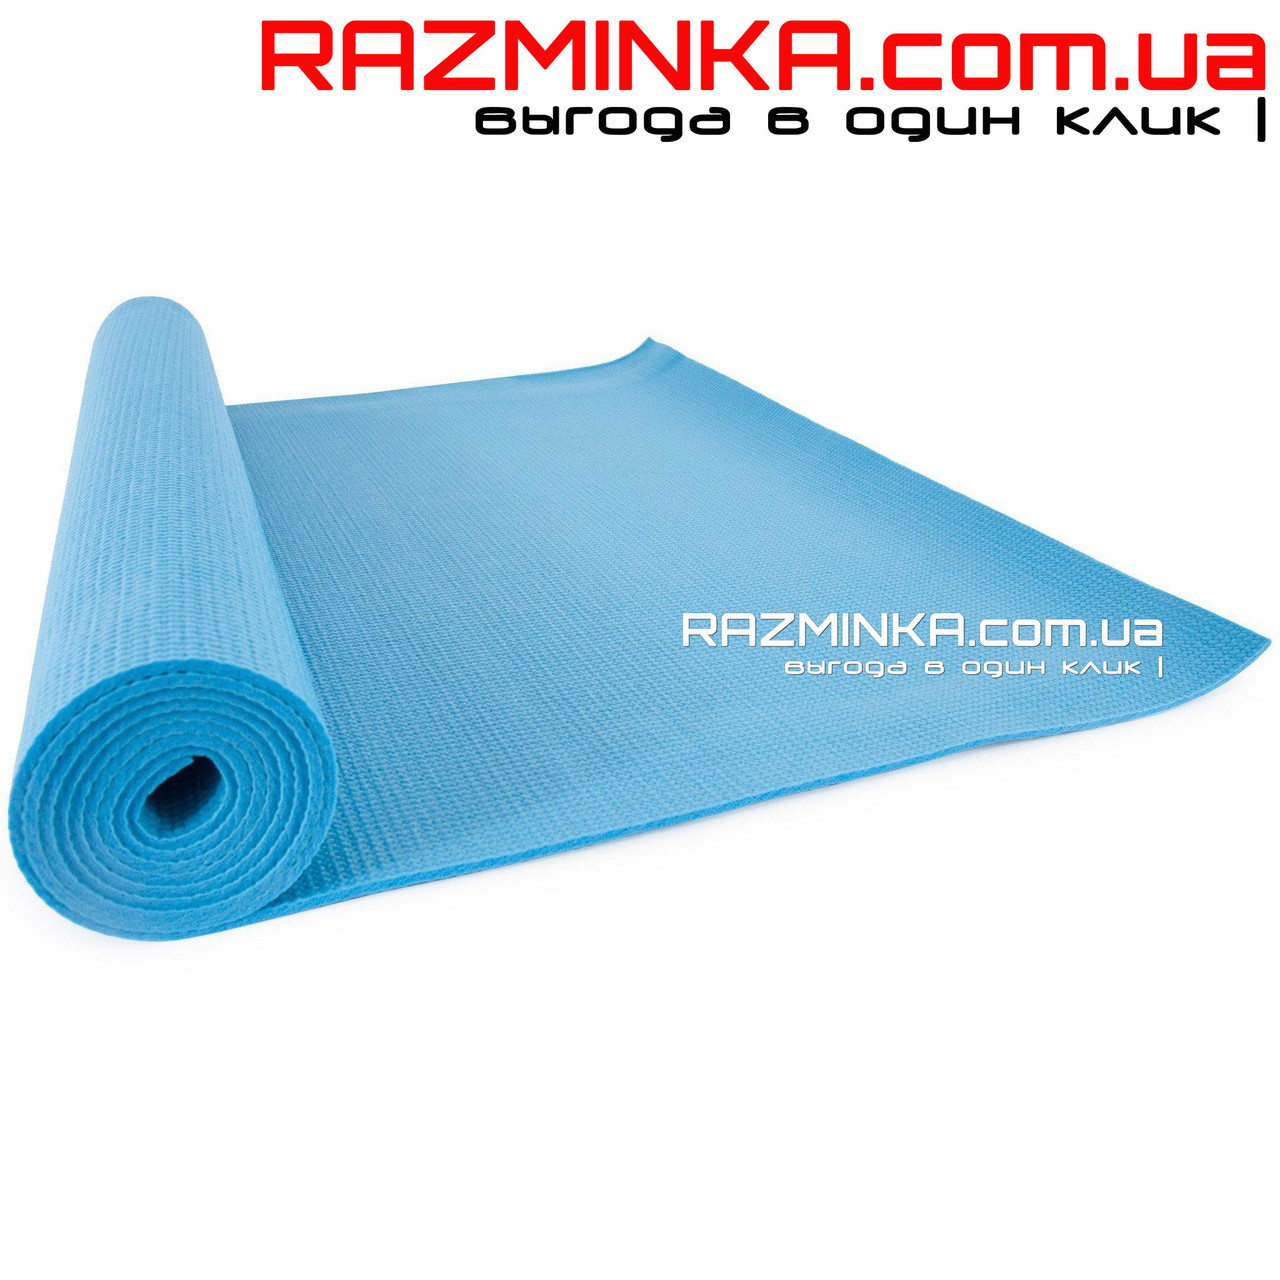 Коврик для йоги ПВХ 173x61x0,4 см, голубой